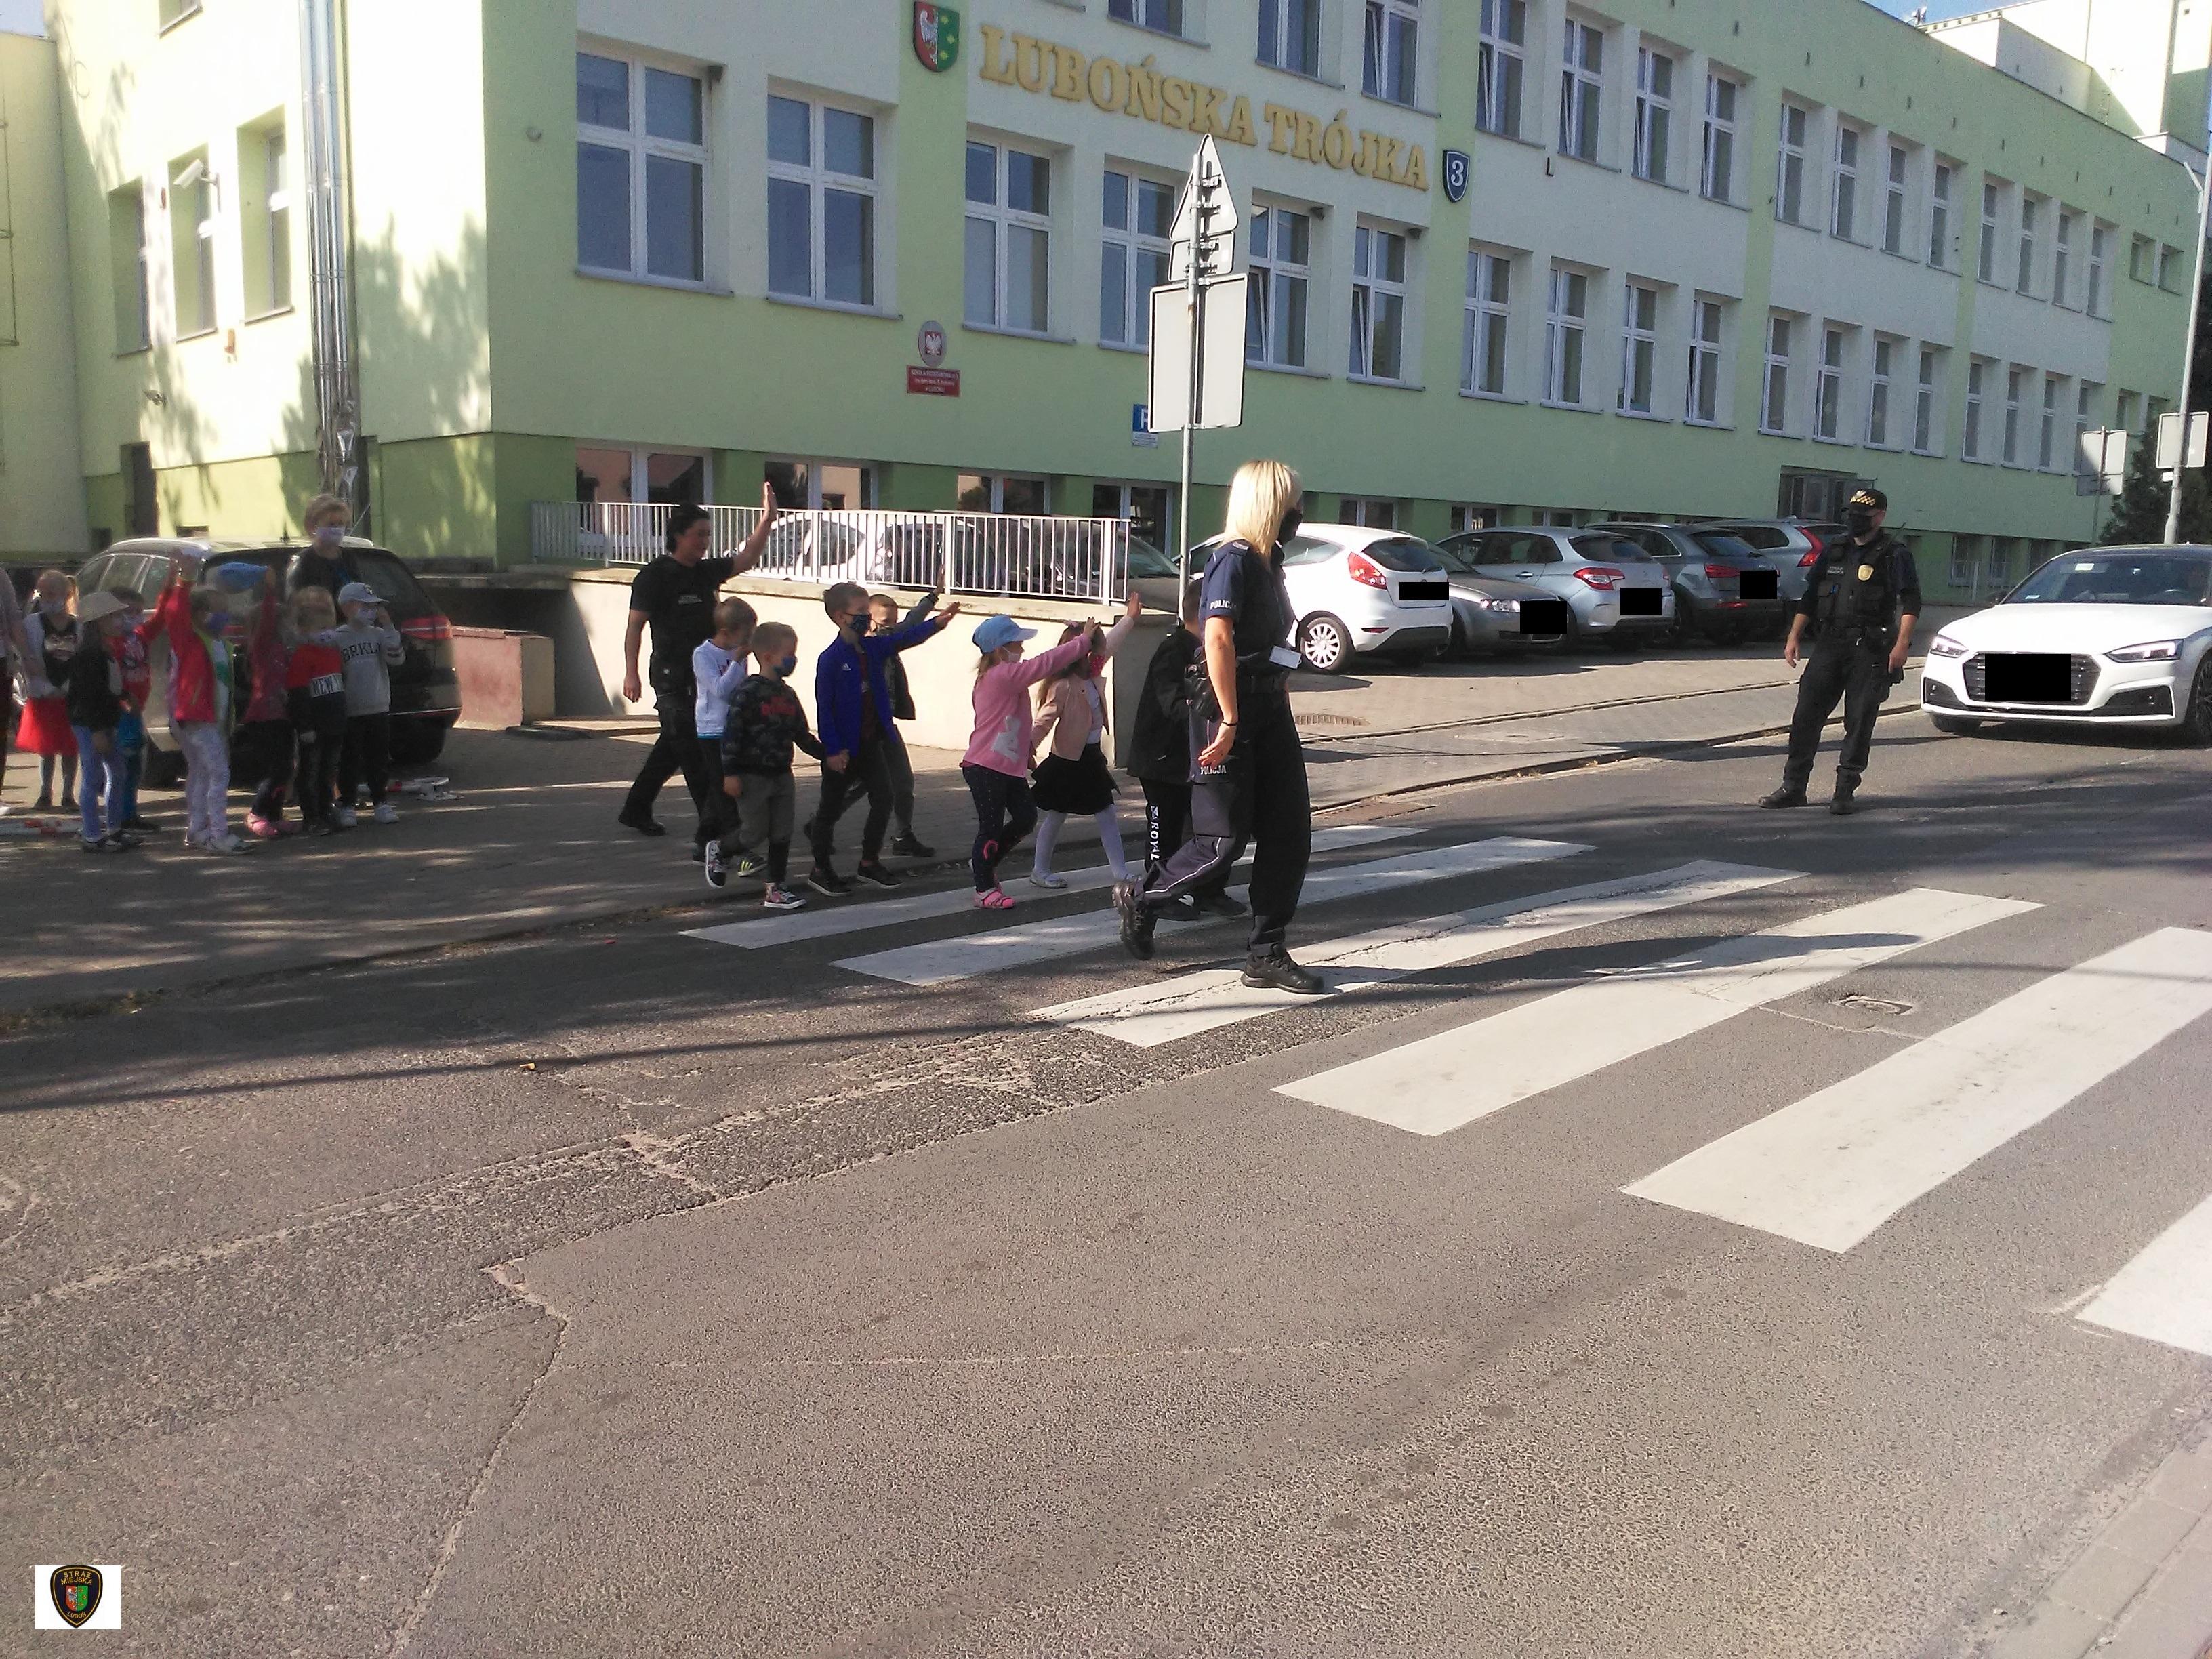 zdjęcie przedstawia dzieci przechodzące przez przejście dla pieszych w obecności funkcjonariuszy straży miejskiej i policji